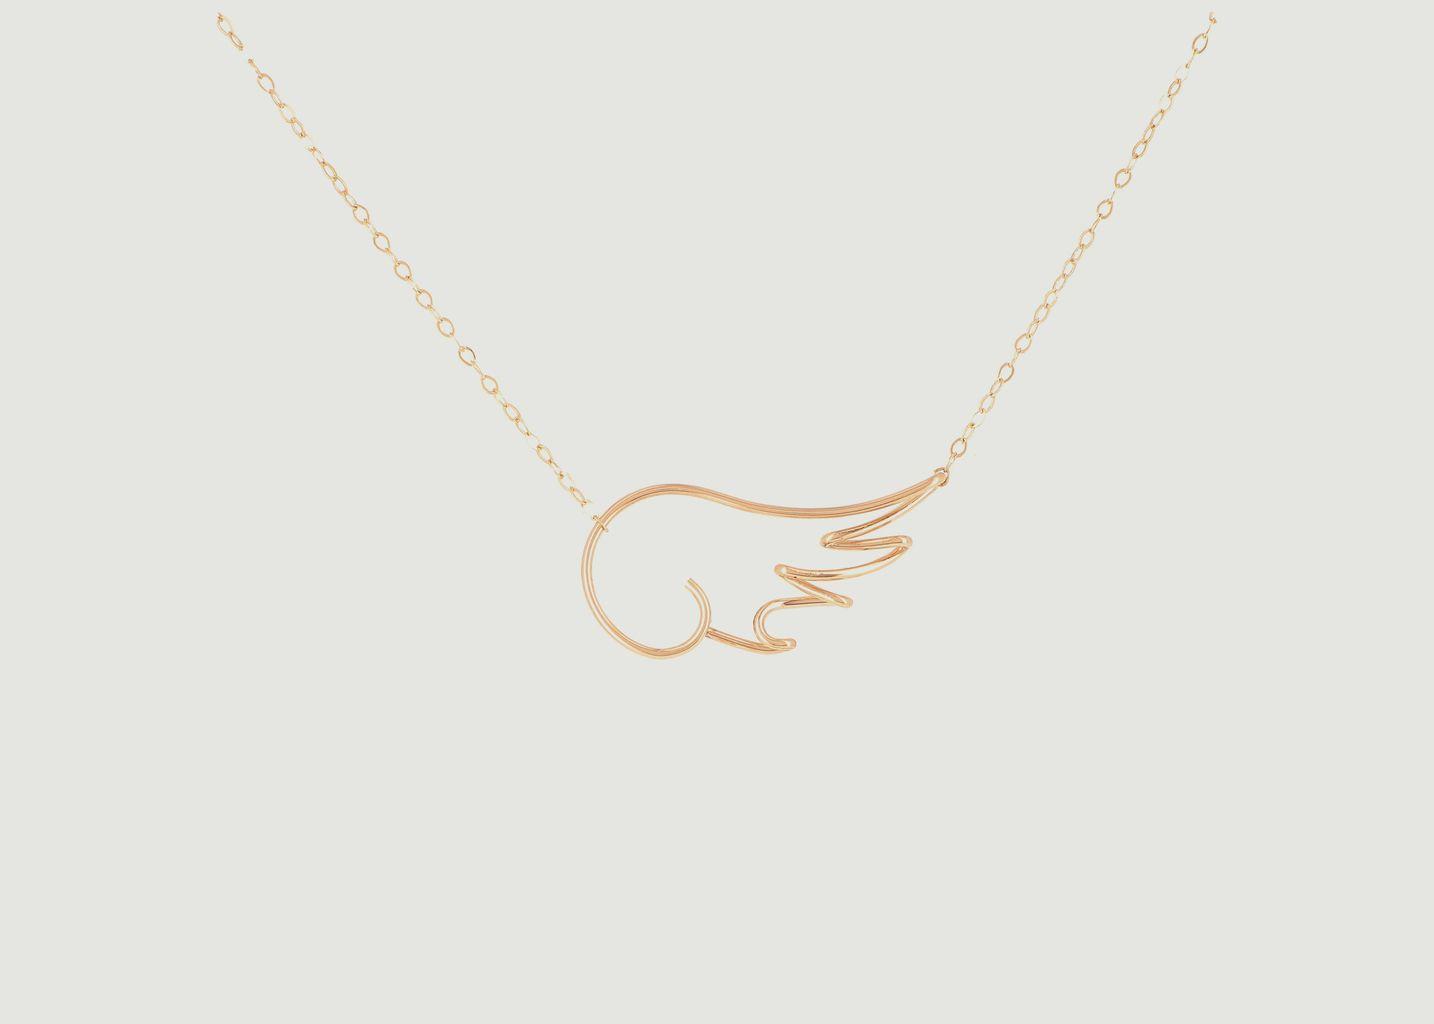 Collier chaîne avec pendentif Mon Ange x Jean Cocteau - Atelier Paulin